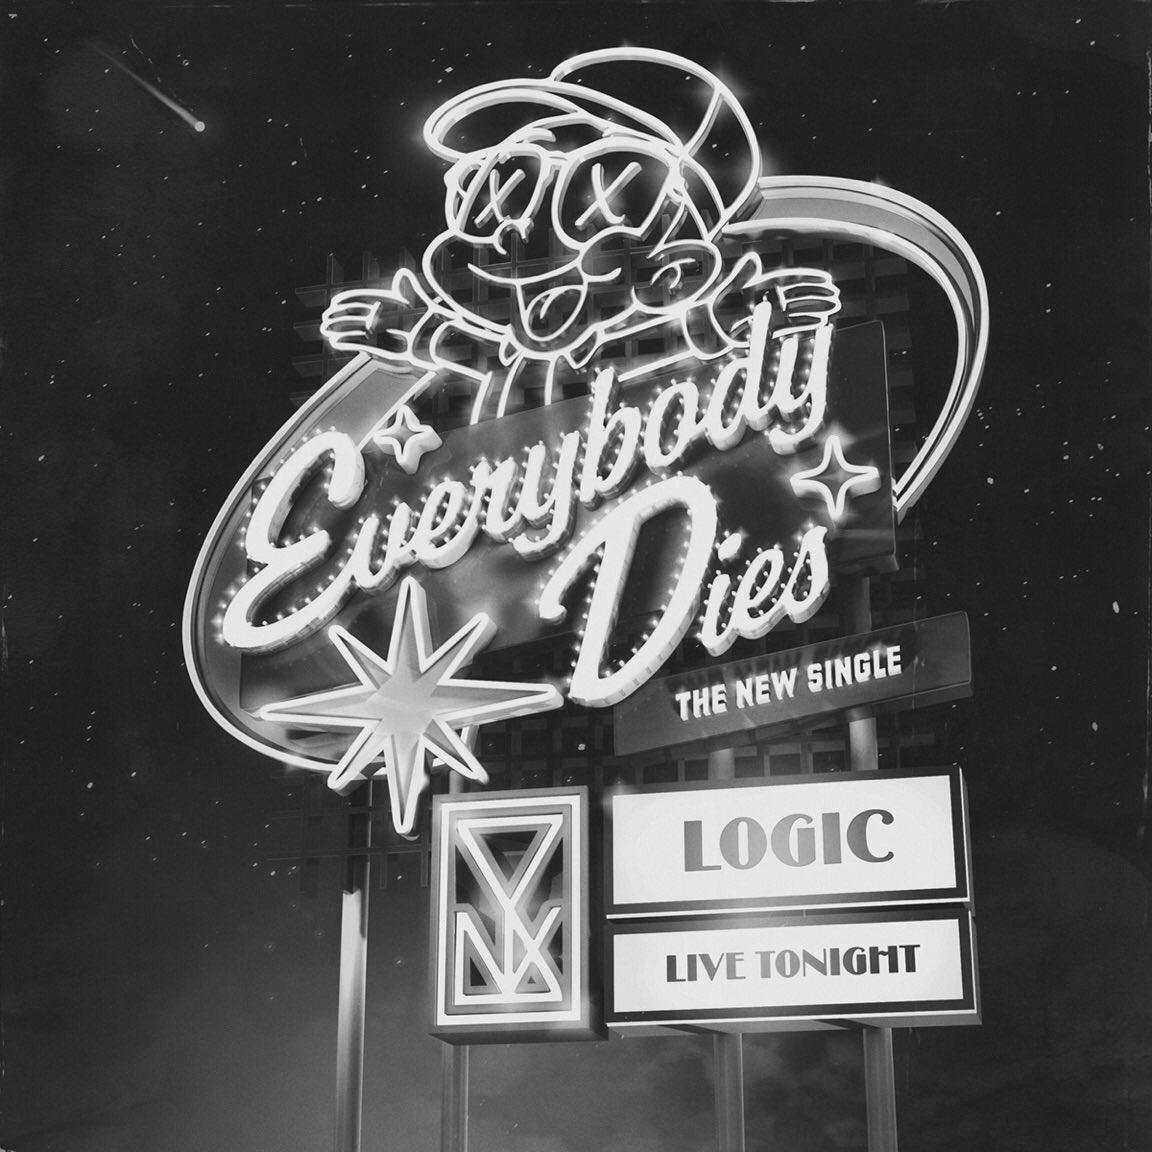 logic everybody dies